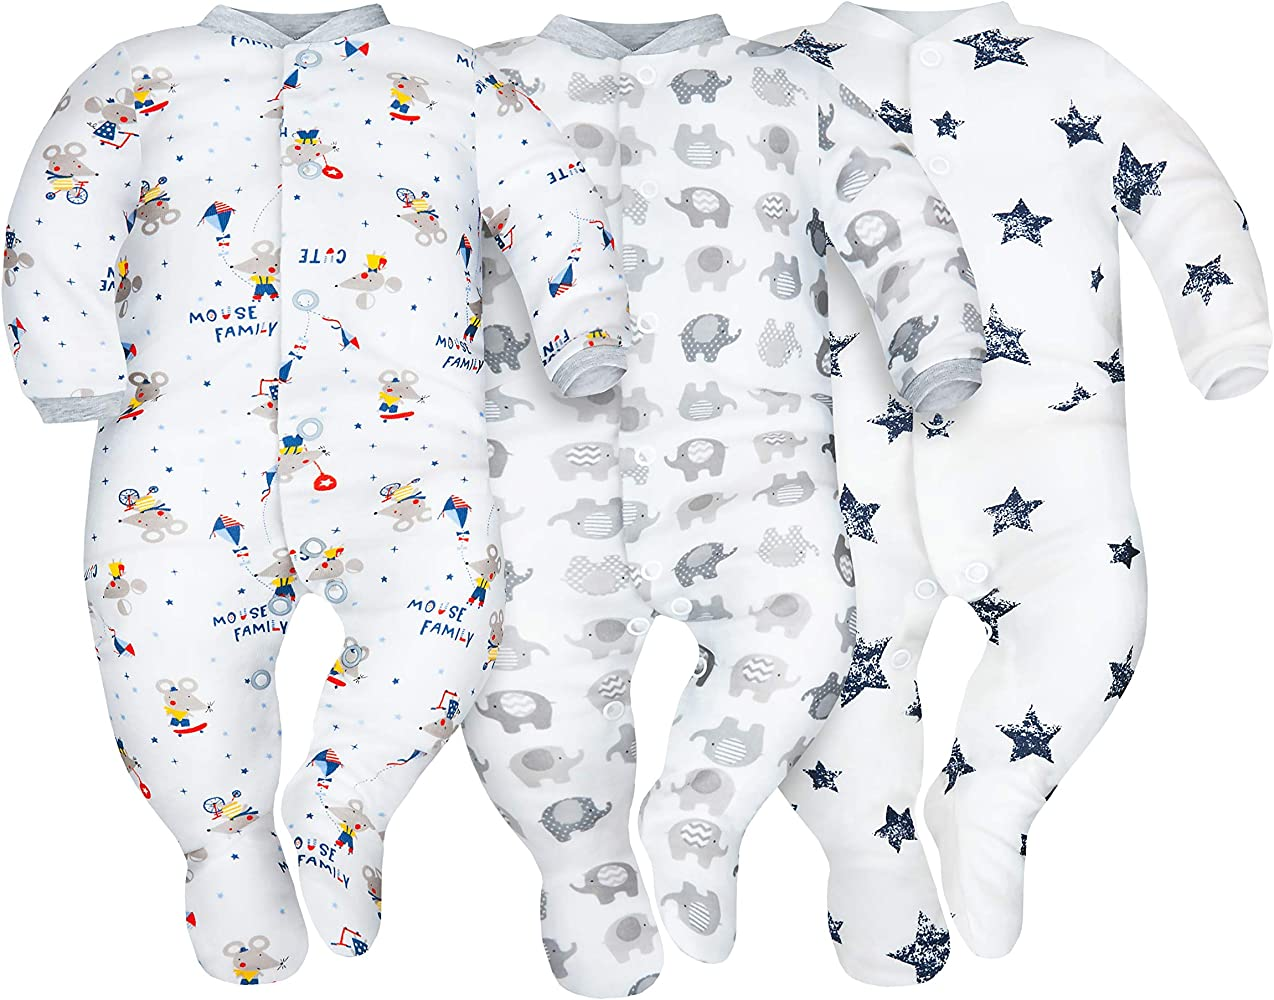 Sibinulo Niño Niña Pijama Bebé Pelele de ABS Pack de 3 Estrellas, Elefantes Grises y Ratones 80(9-12 Meses): Amazon.es: Ropa y accesorios